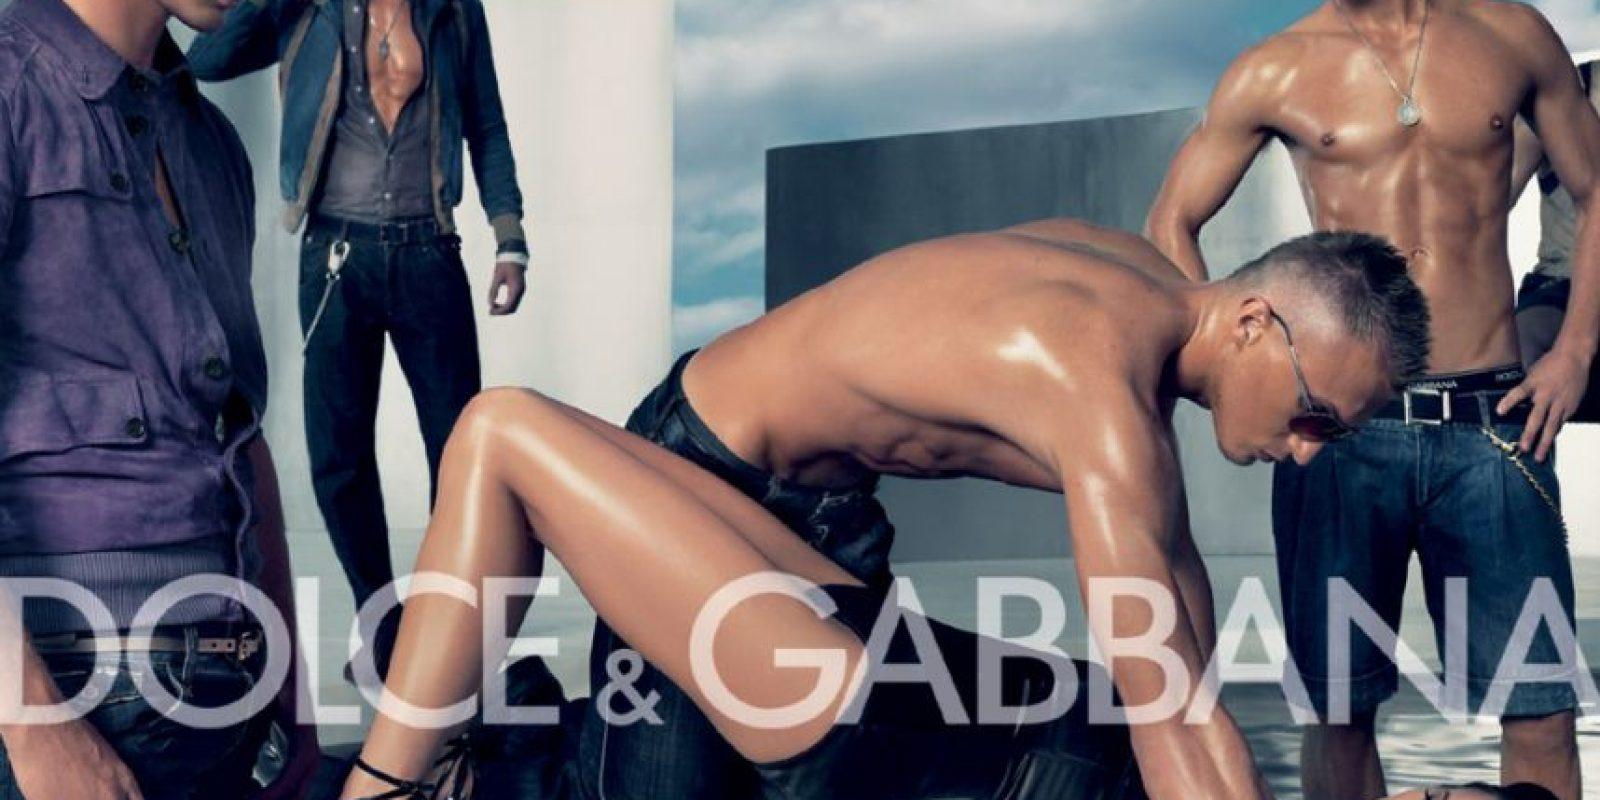 Dolce & Gabbana, escena de violación que causó polémica. Foto:vía D&G